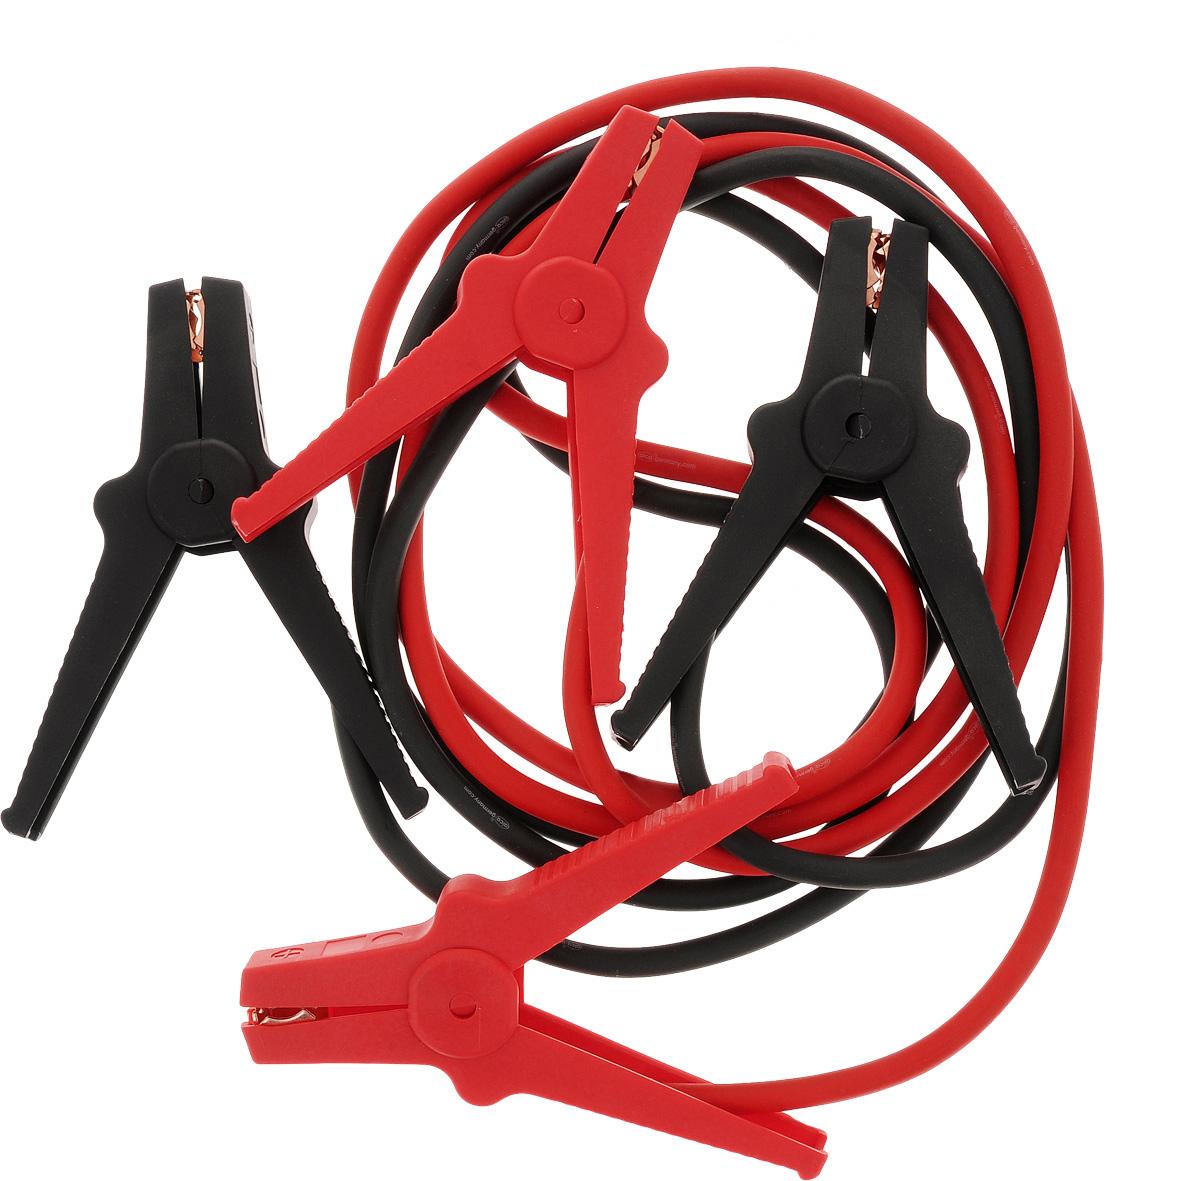 Старт-кабель Alca, CCA 200 А, длина 2,5 м404310Старт-кабель Alca выполнены из алюминия с медным покрытием. Зажимы полностью изолированы. Руководство по эксплуатации: Присоединение. Кабель с красными зажимами присоединить к плюсовой клемме разряженного аккумулятора, затем присоединить к плюсовой клемме аккумулятора, от которого производится пуск. Кабель с черными зажимами подключить к минусовой клемме аккумулятора, от которой производится пуск и к массе автомобиля с разряженной батареей, например к кабелю массы либо к не изолированной точке моторного блока, причем на максимальном удалении от аккумулятора, которым производится пуск для избежания возможного возгорания образующегося разрядного газа. Пуск. После присоединения проводов стартер-кабеля запустить двигатель автомобиля, от которого производится пуск, и установить средние обороты. Запустить двигатель автомобиля с разряженным аккумулятором. После каждой попытки запуска двигателя, длительность которого не...